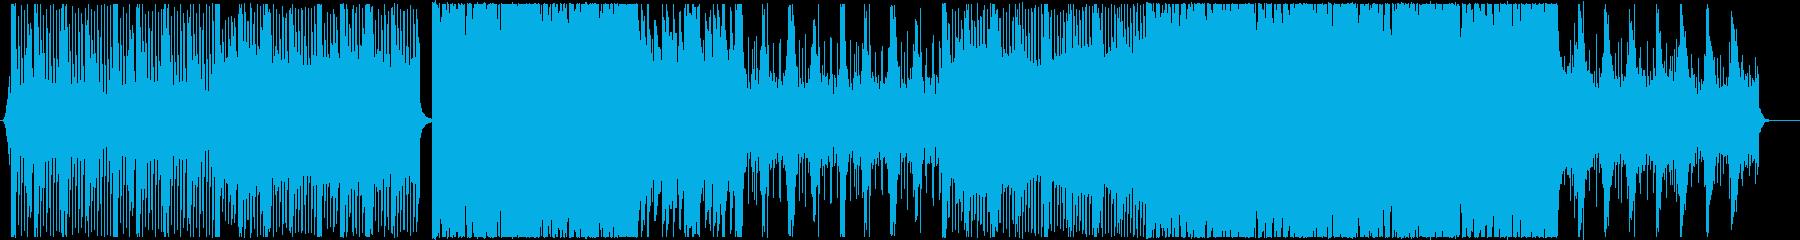 OP-爽快-PV-冒険-アクティブ-希望の再生済みの波形